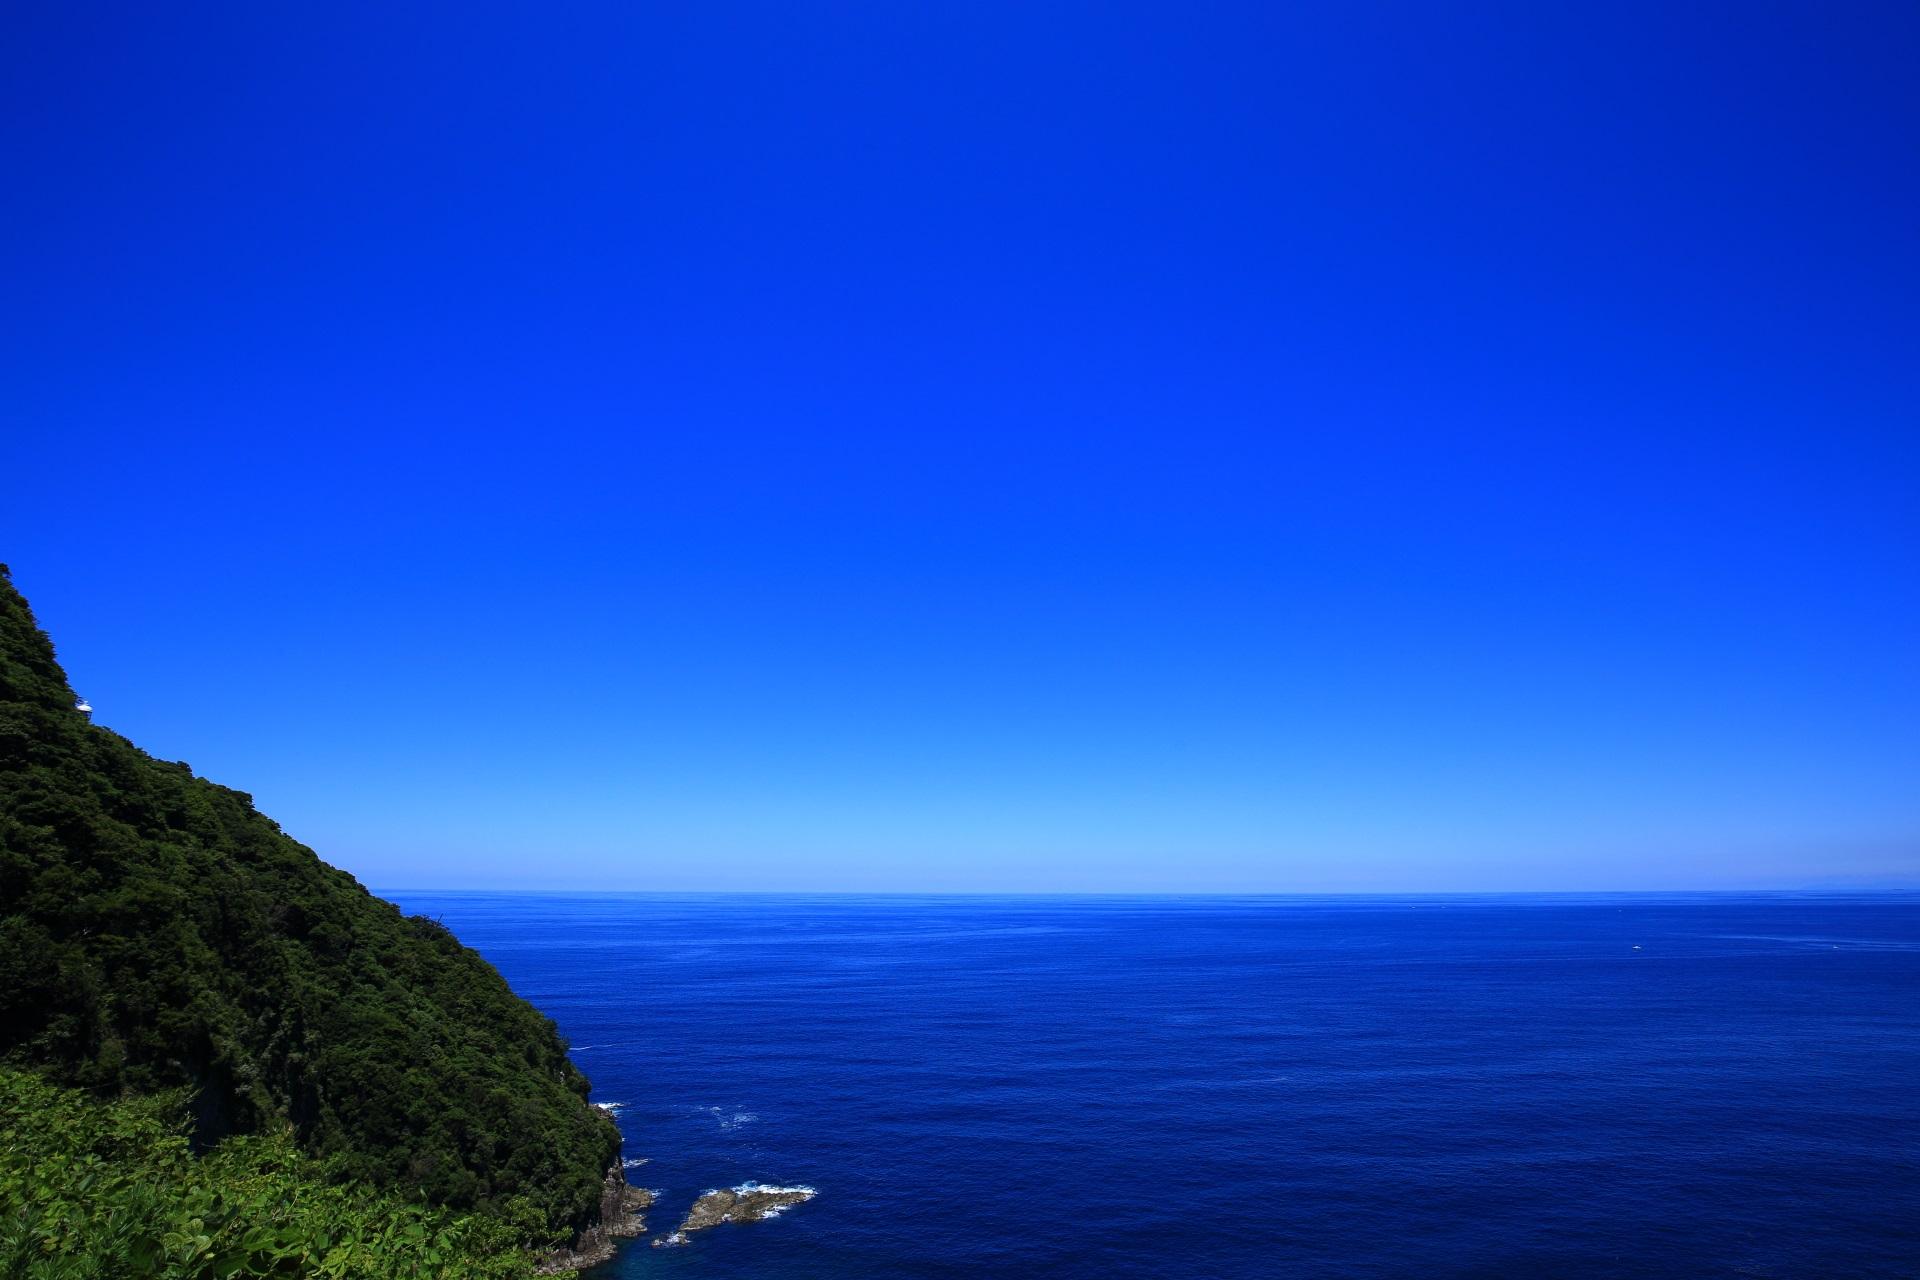 青い空と青い海の京丹後袖志の経ヶ岬